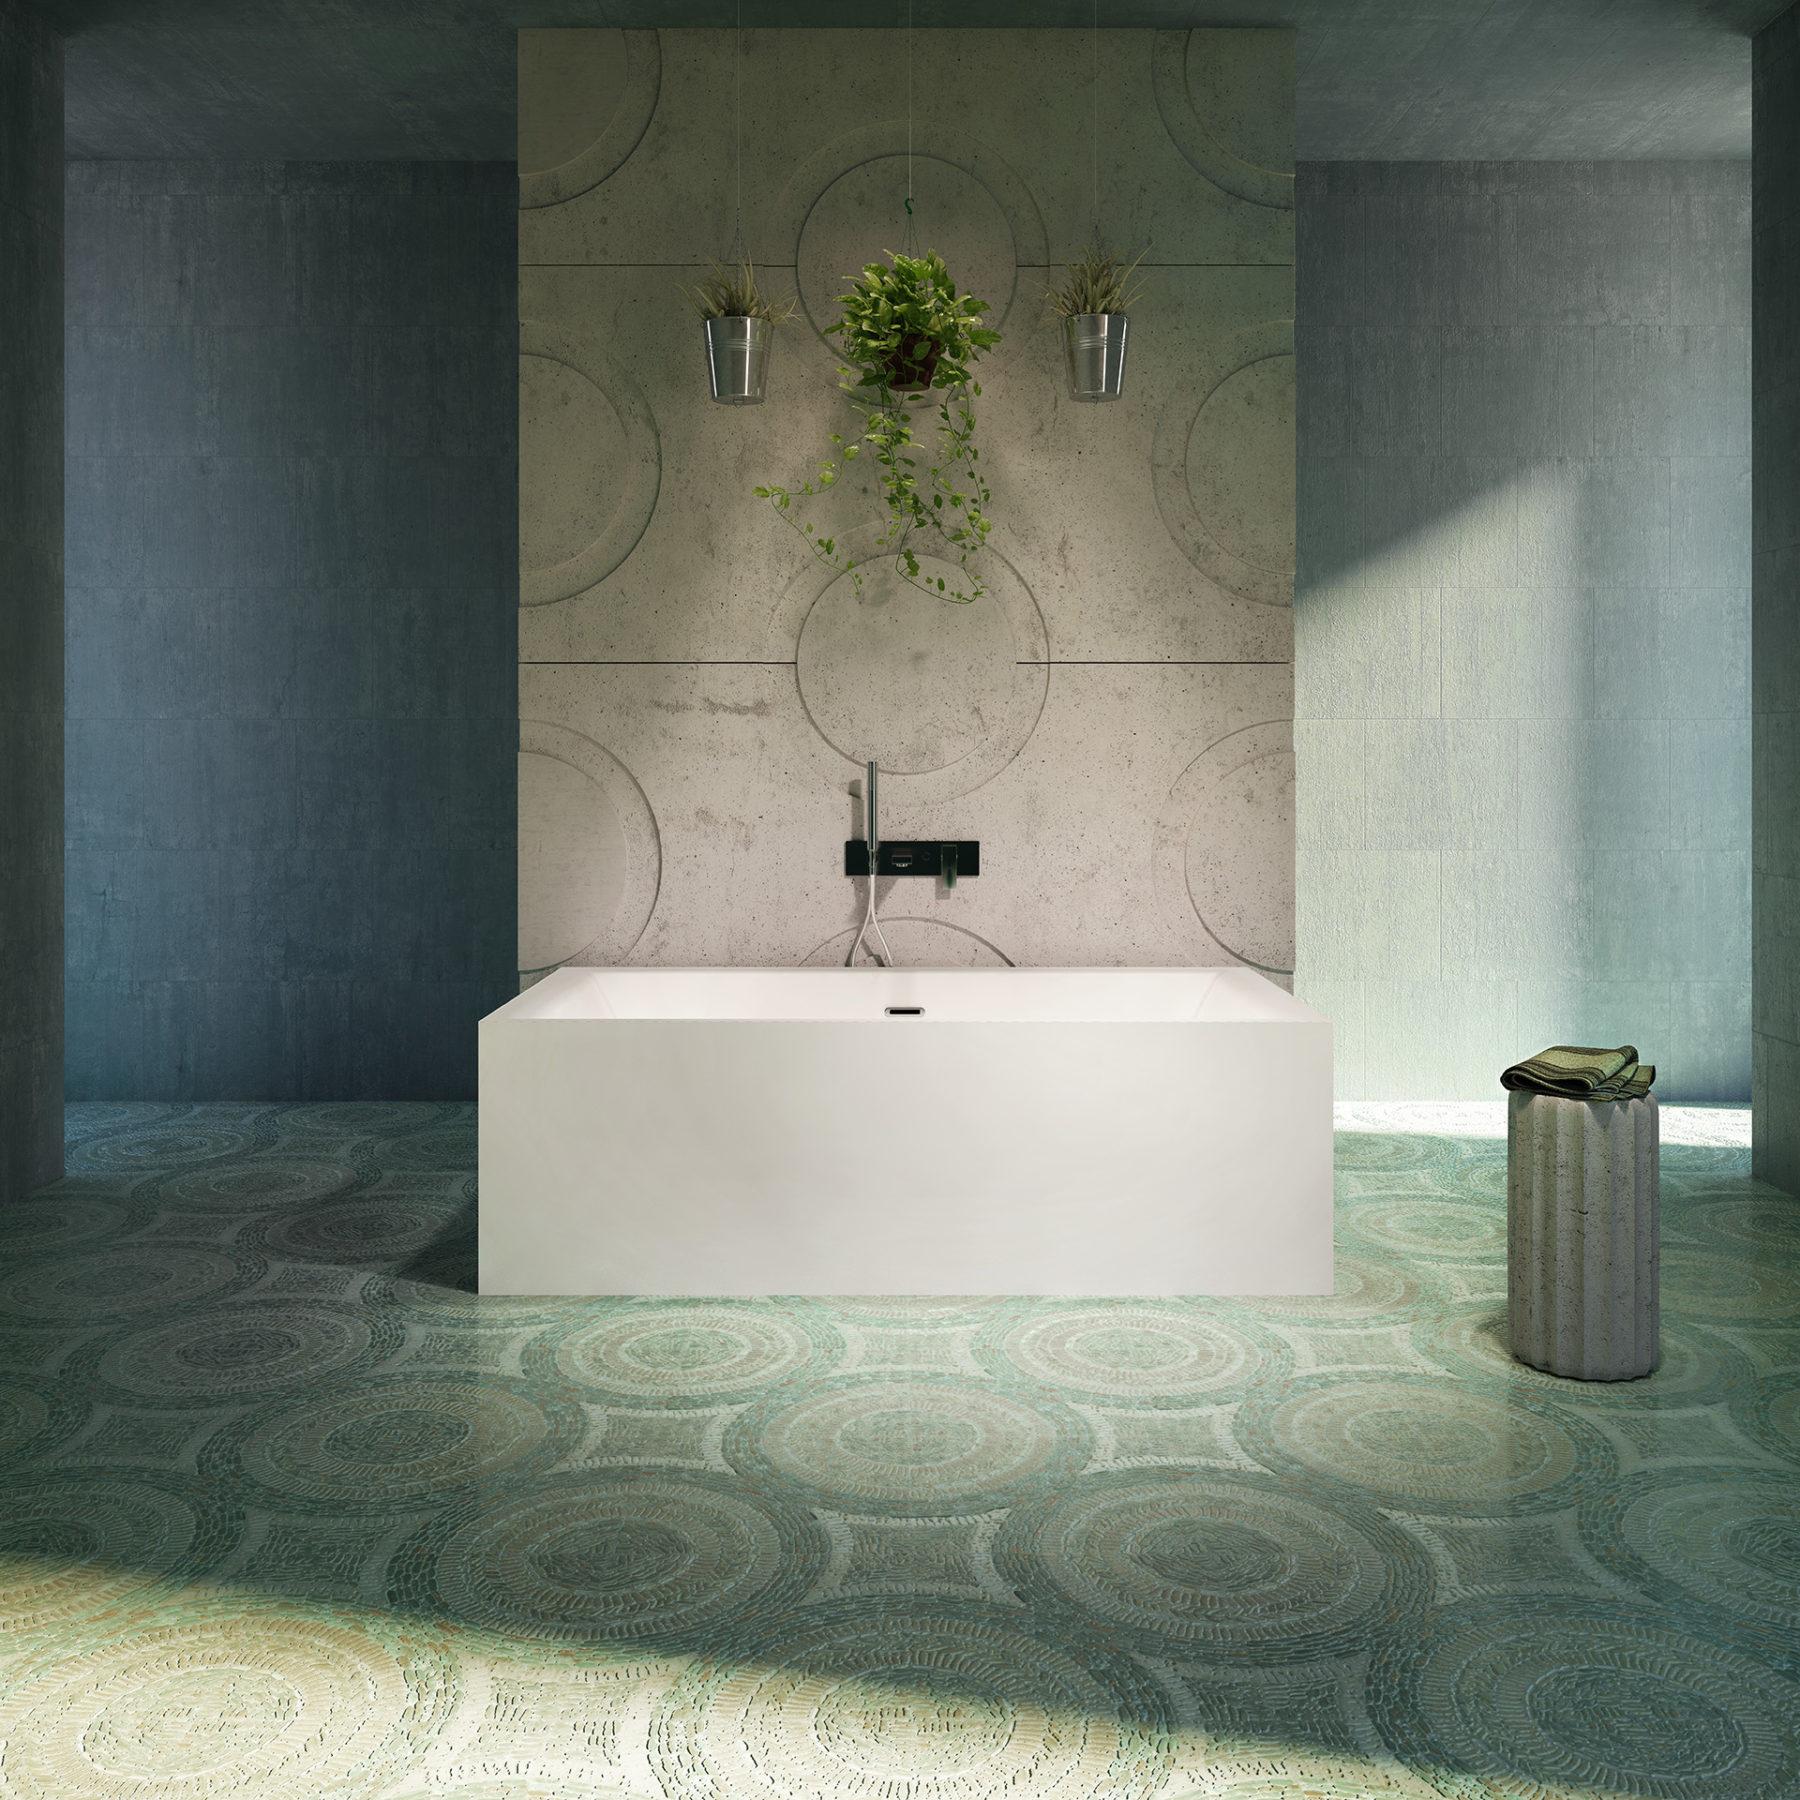 cgi-green-bathtub-bathroom-flooring-elegant